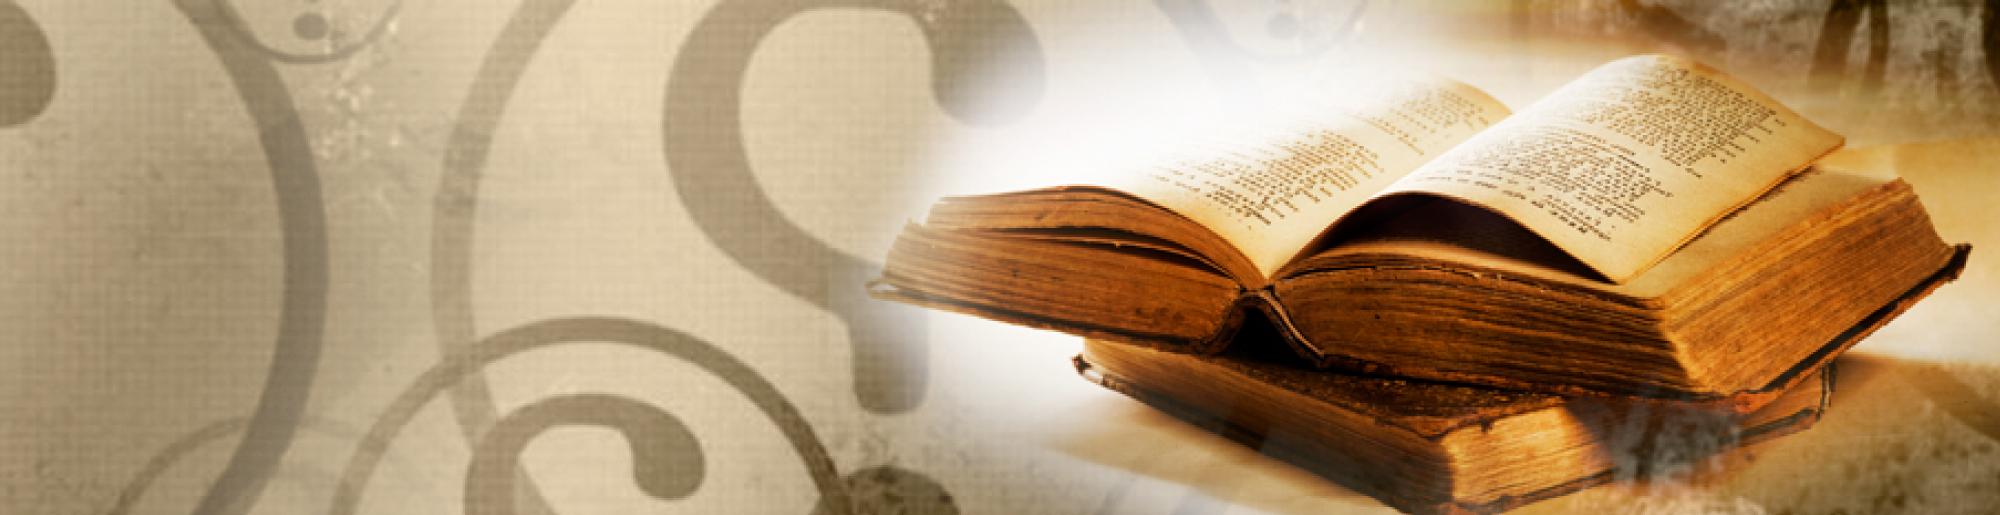 Domande & Risposte: Testi Di Difficile Comprensione